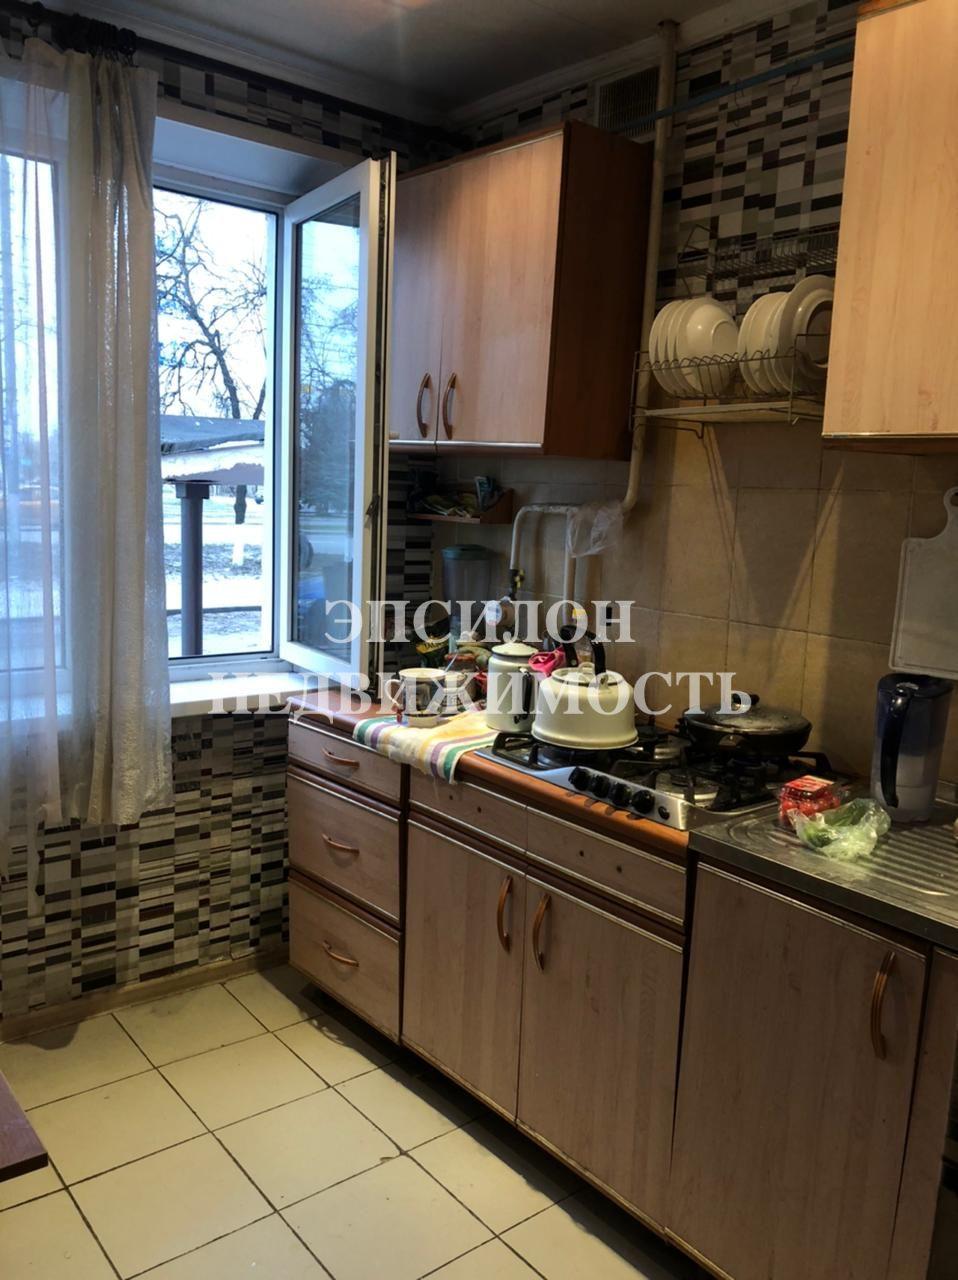 Продам 3-комнатную квартиру в городе Курск, на улице Союзная, 57, 1-этаж 5-этажного Панель дома, площадь: 61.6/45/6 м2